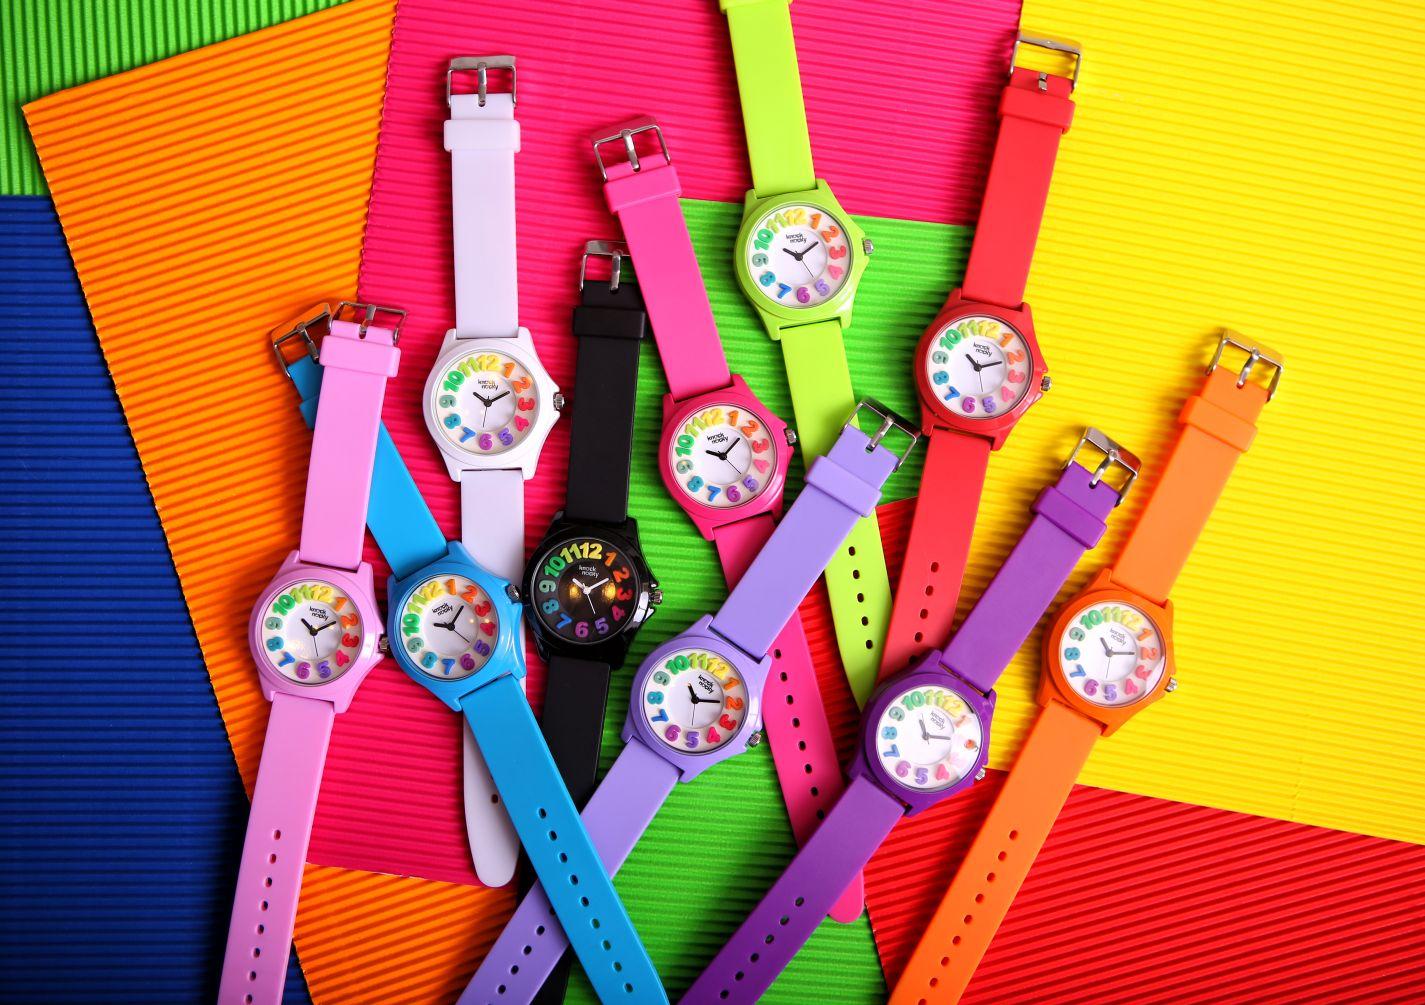 zegarki dziecięce Knock Nocky kolorowe